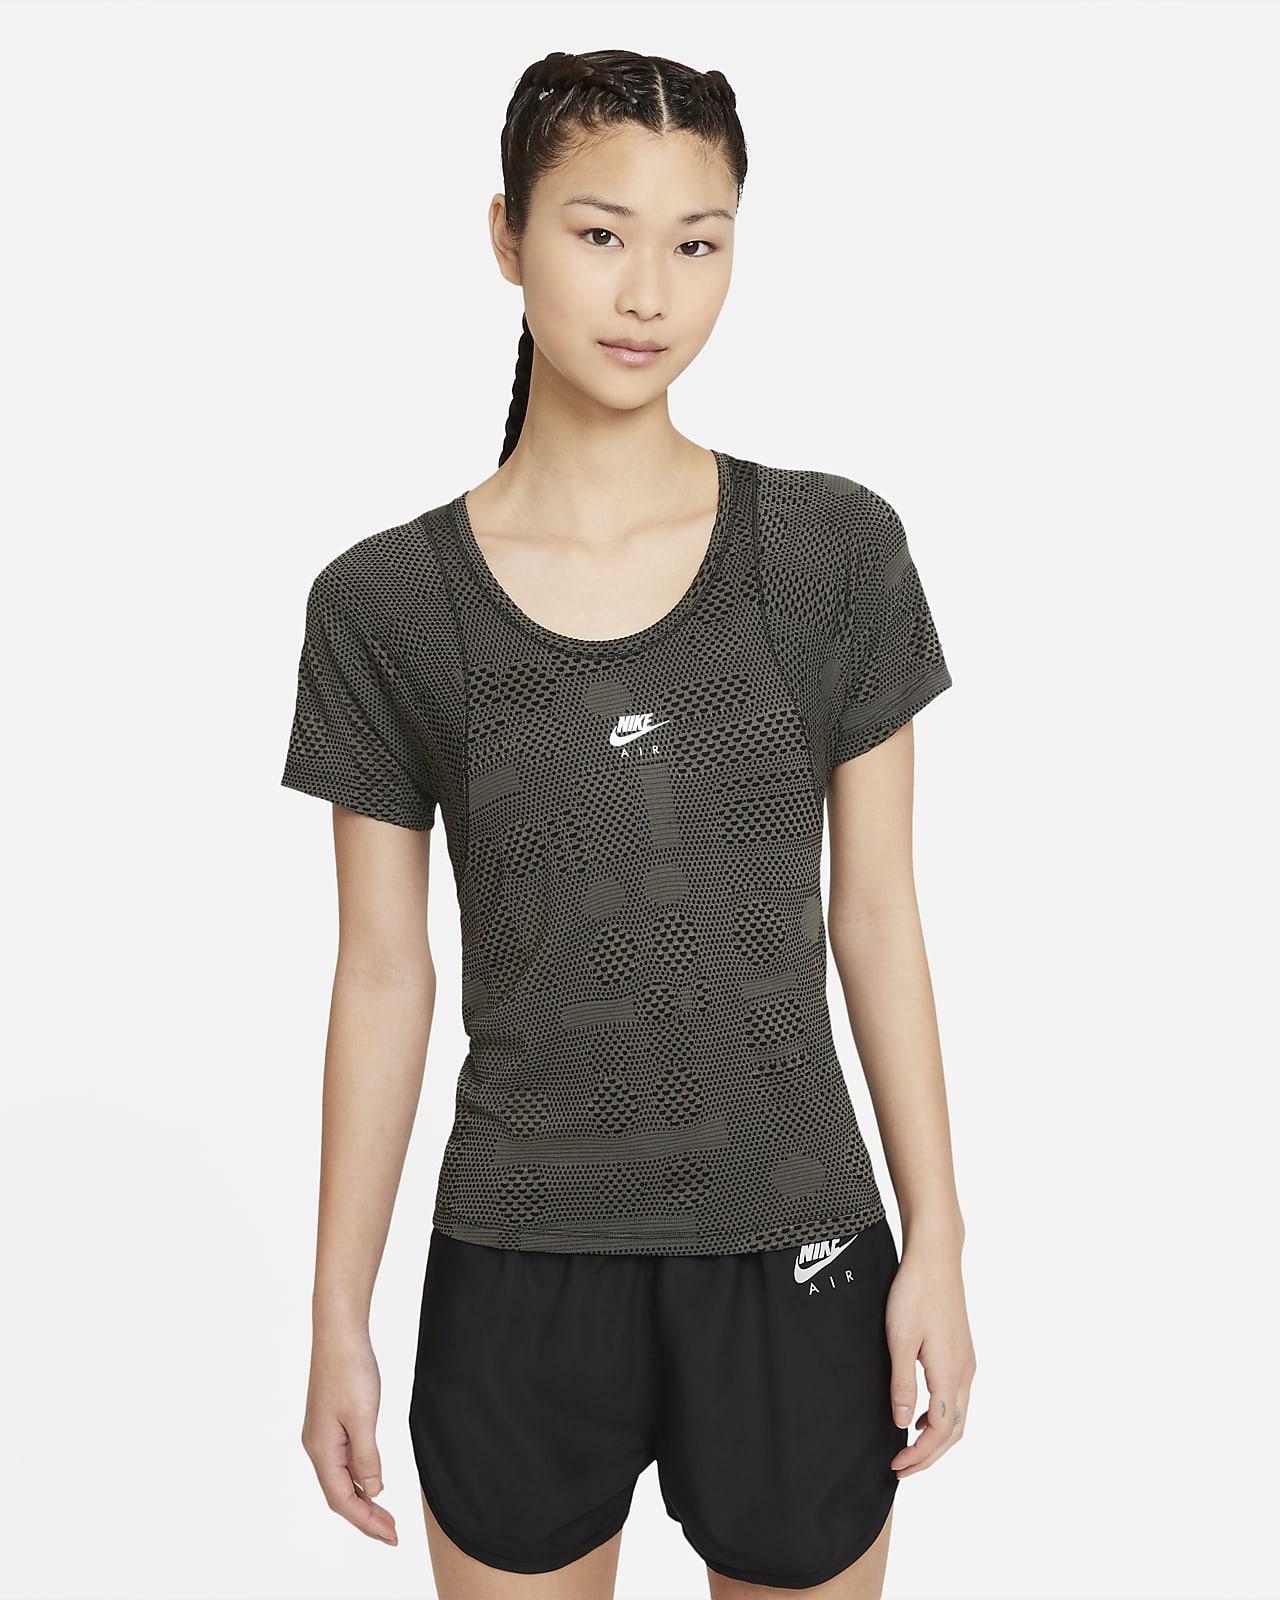 เสื้อวิ่งแขนสั้นผู้หญิง Nike Air Dri-FIT